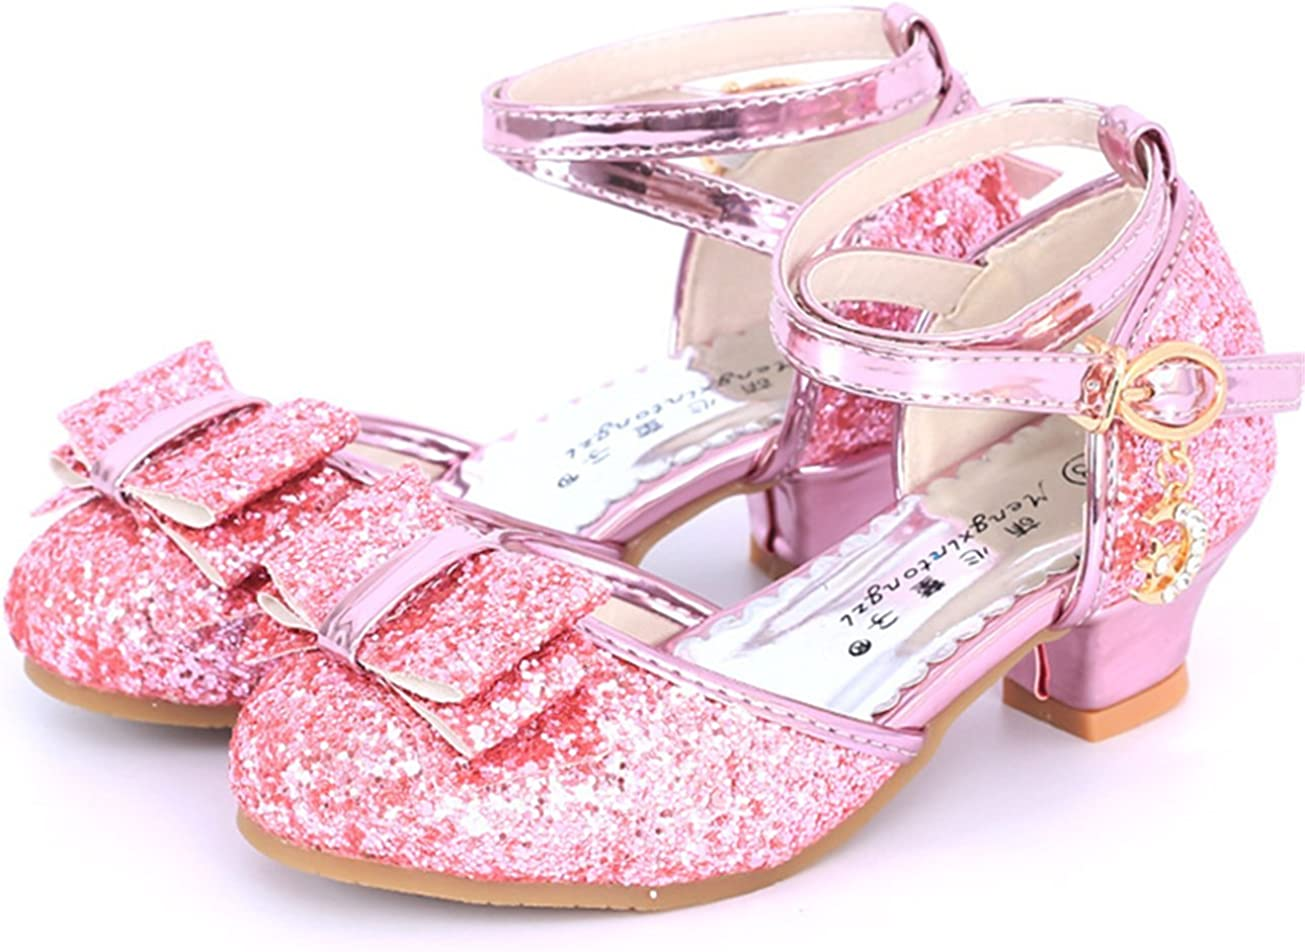 Chaussure /à Talon Enfant Ballerine Princesse Paillettes pour Mariage D/éguisement YOGLY Sandales Ceremonie Fille